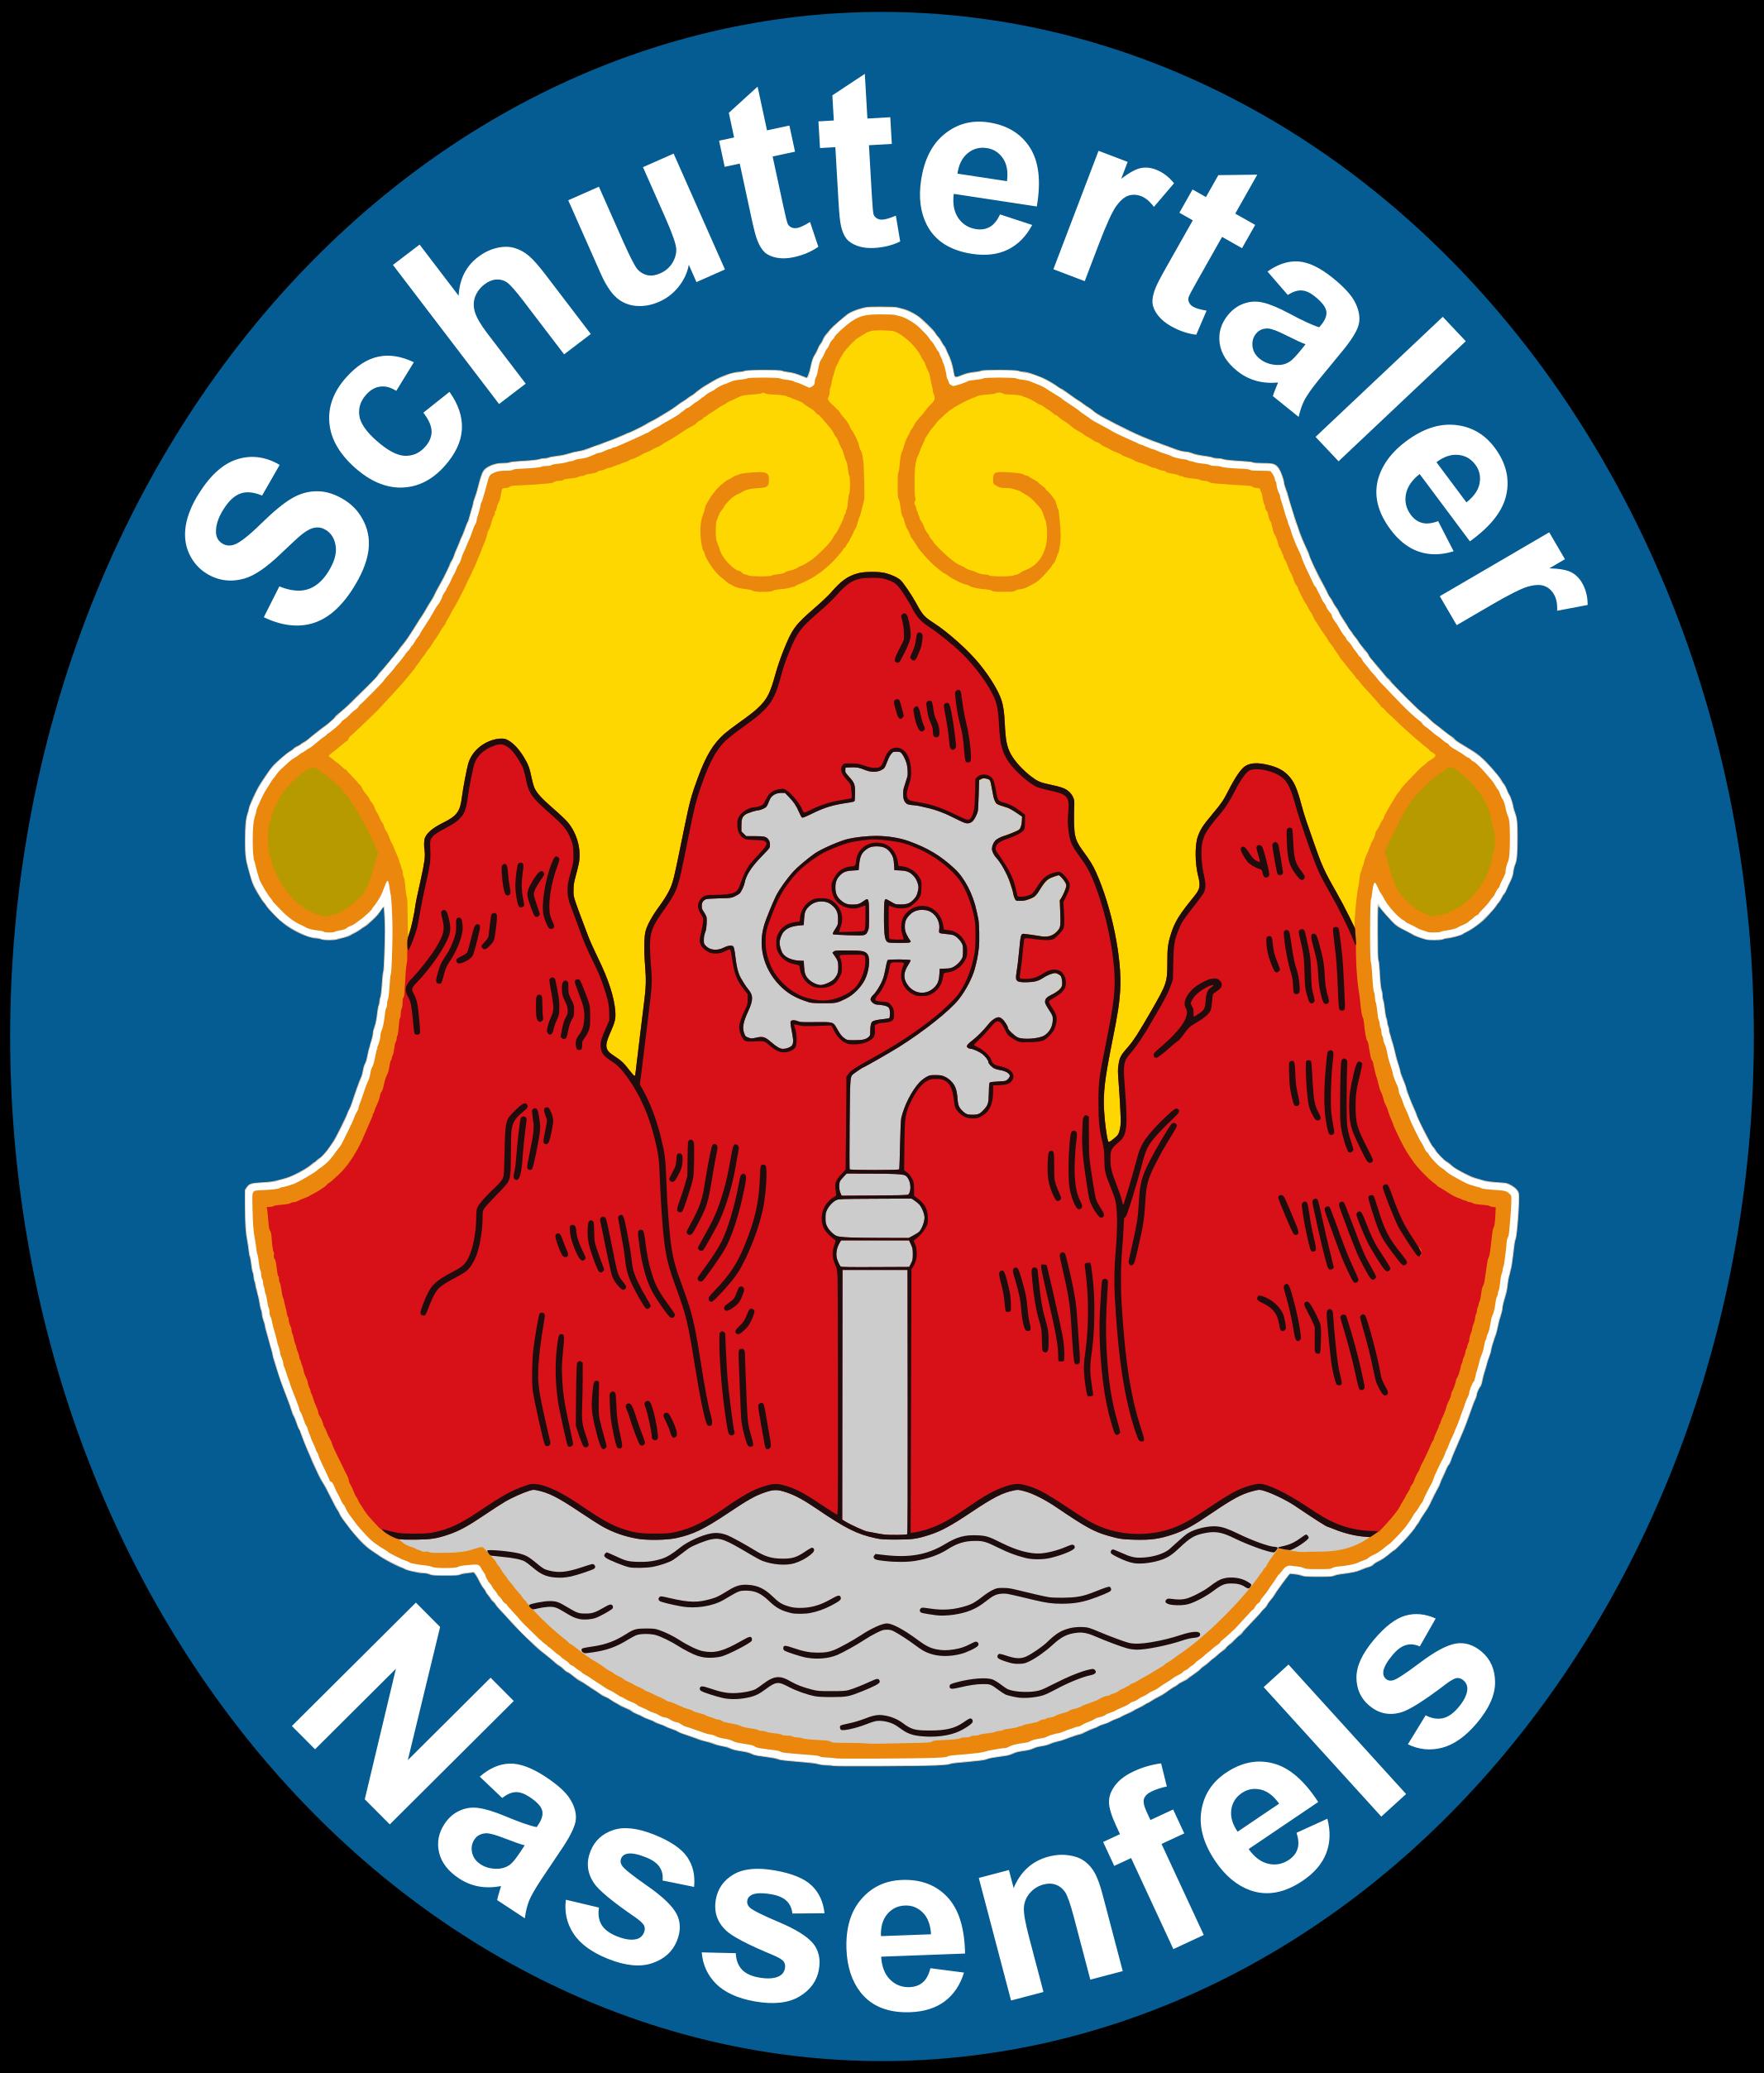 Schuttertaler Musikanten Logo